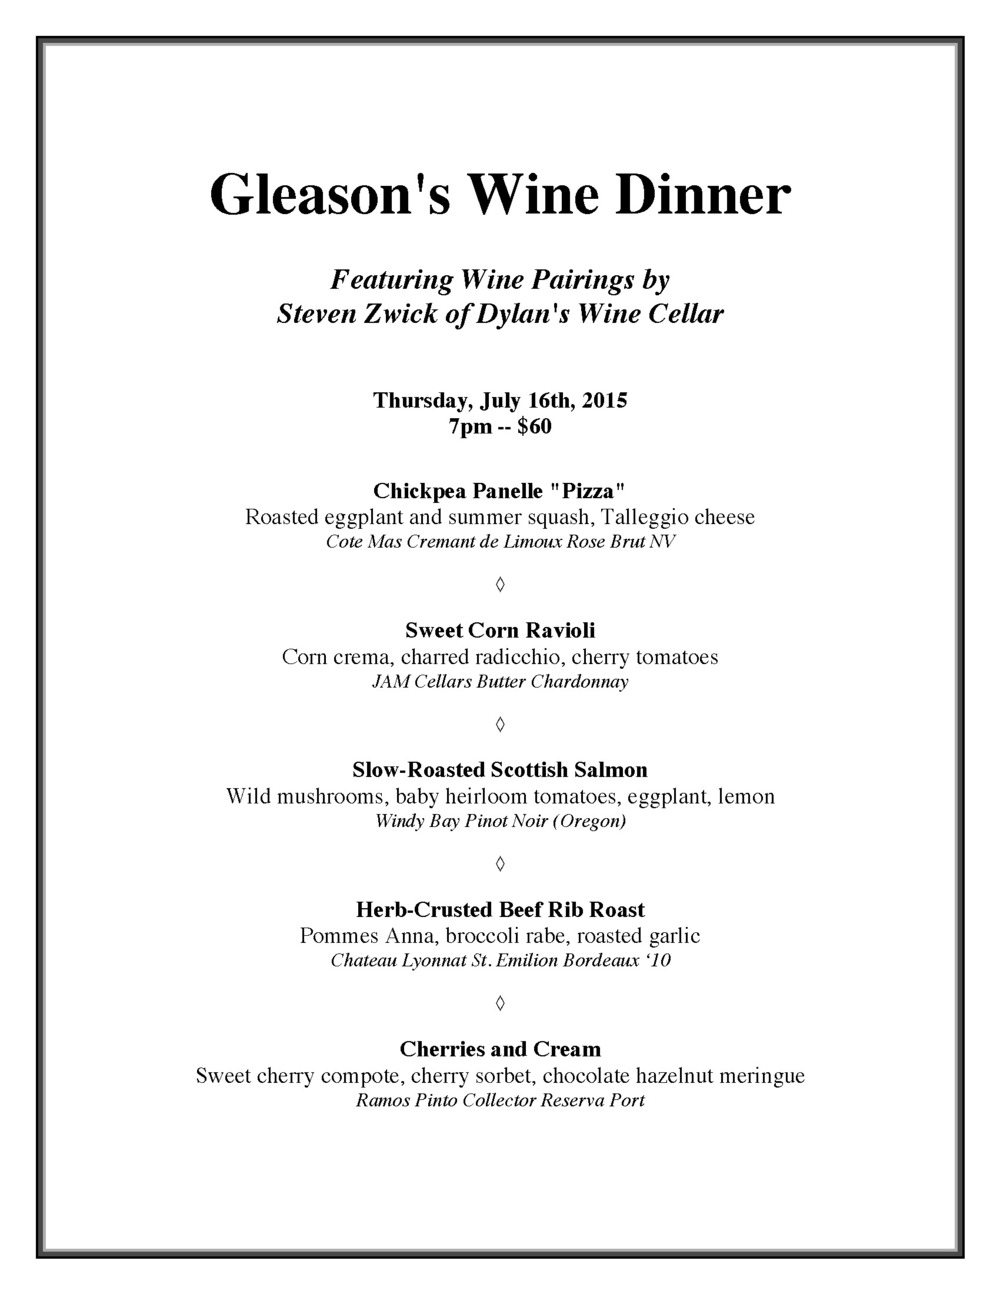 Gleason's Wine Dinner July 2015 with pairings.jpg